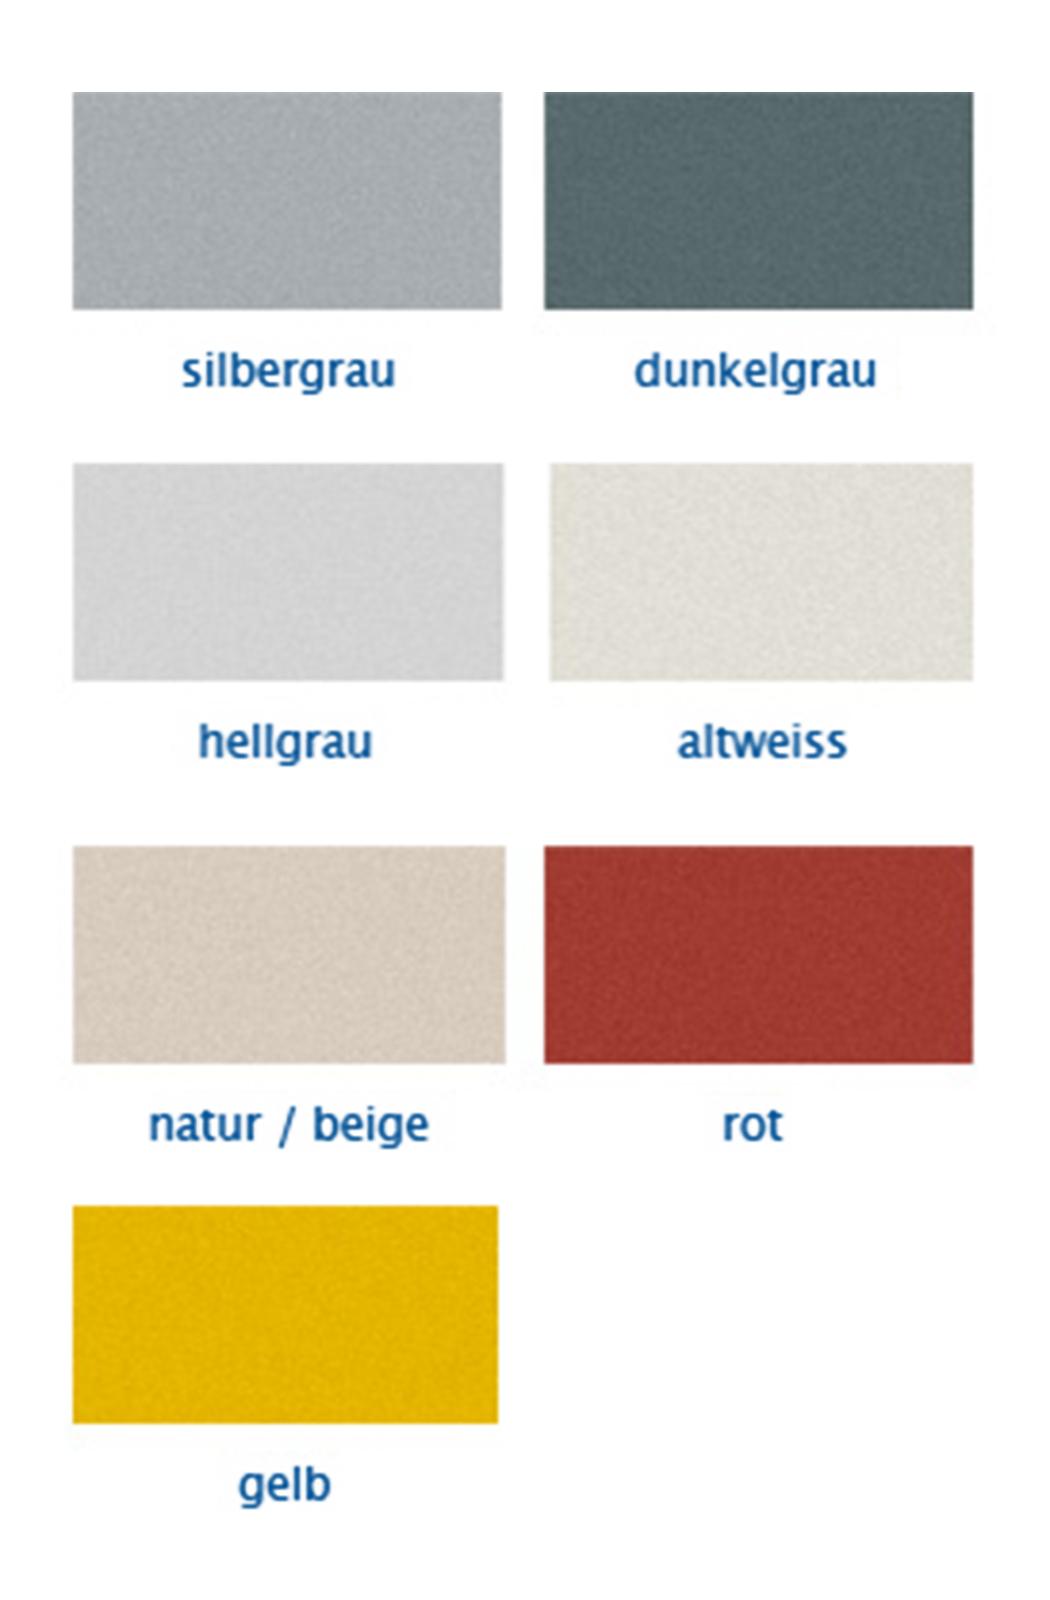 chinolith_alle_sonder_farben